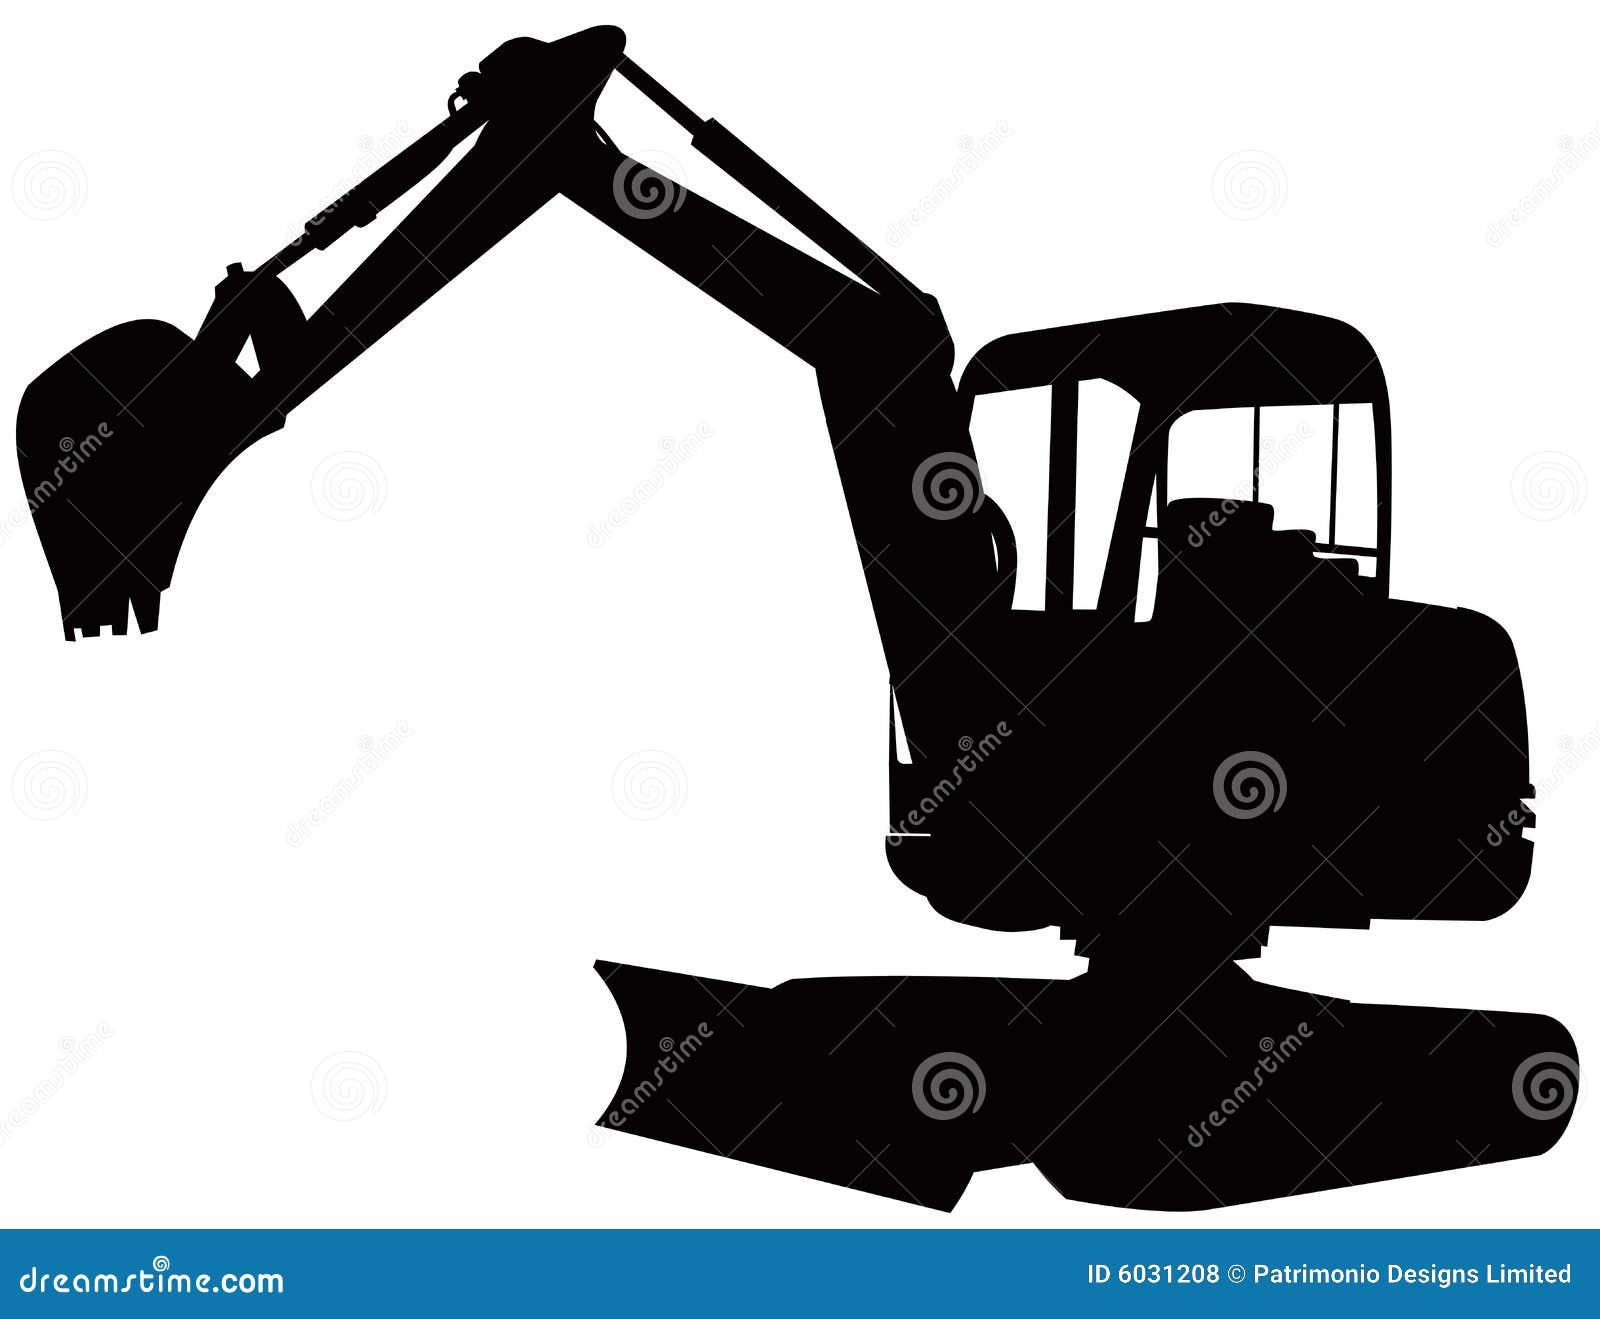 Excavatrice illustration de vecteur. Illustration du ...